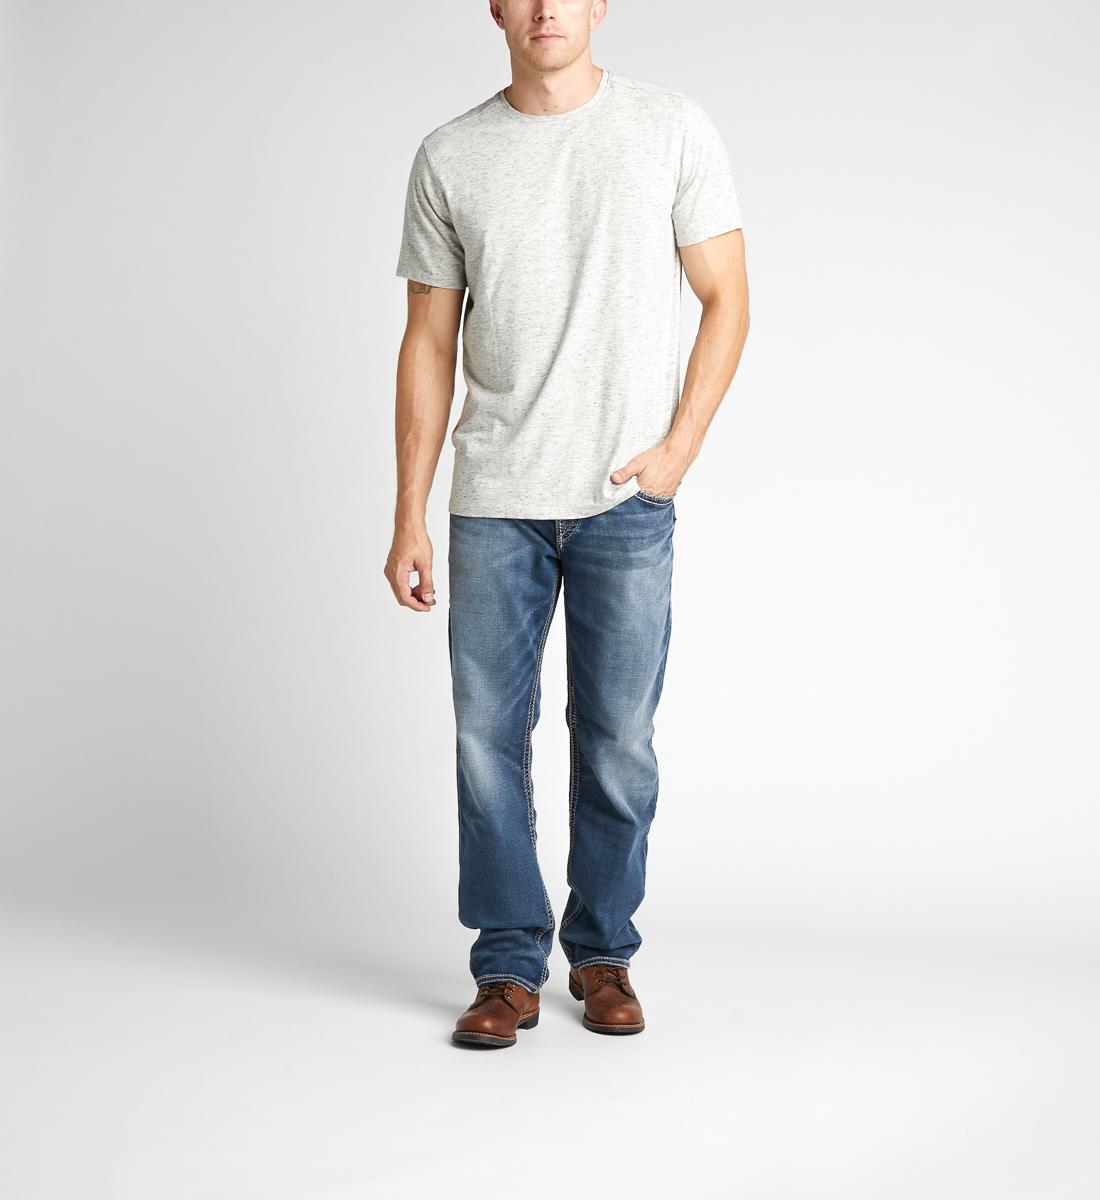 Silver Jeans Eddie Tapered Mens Dark Wash